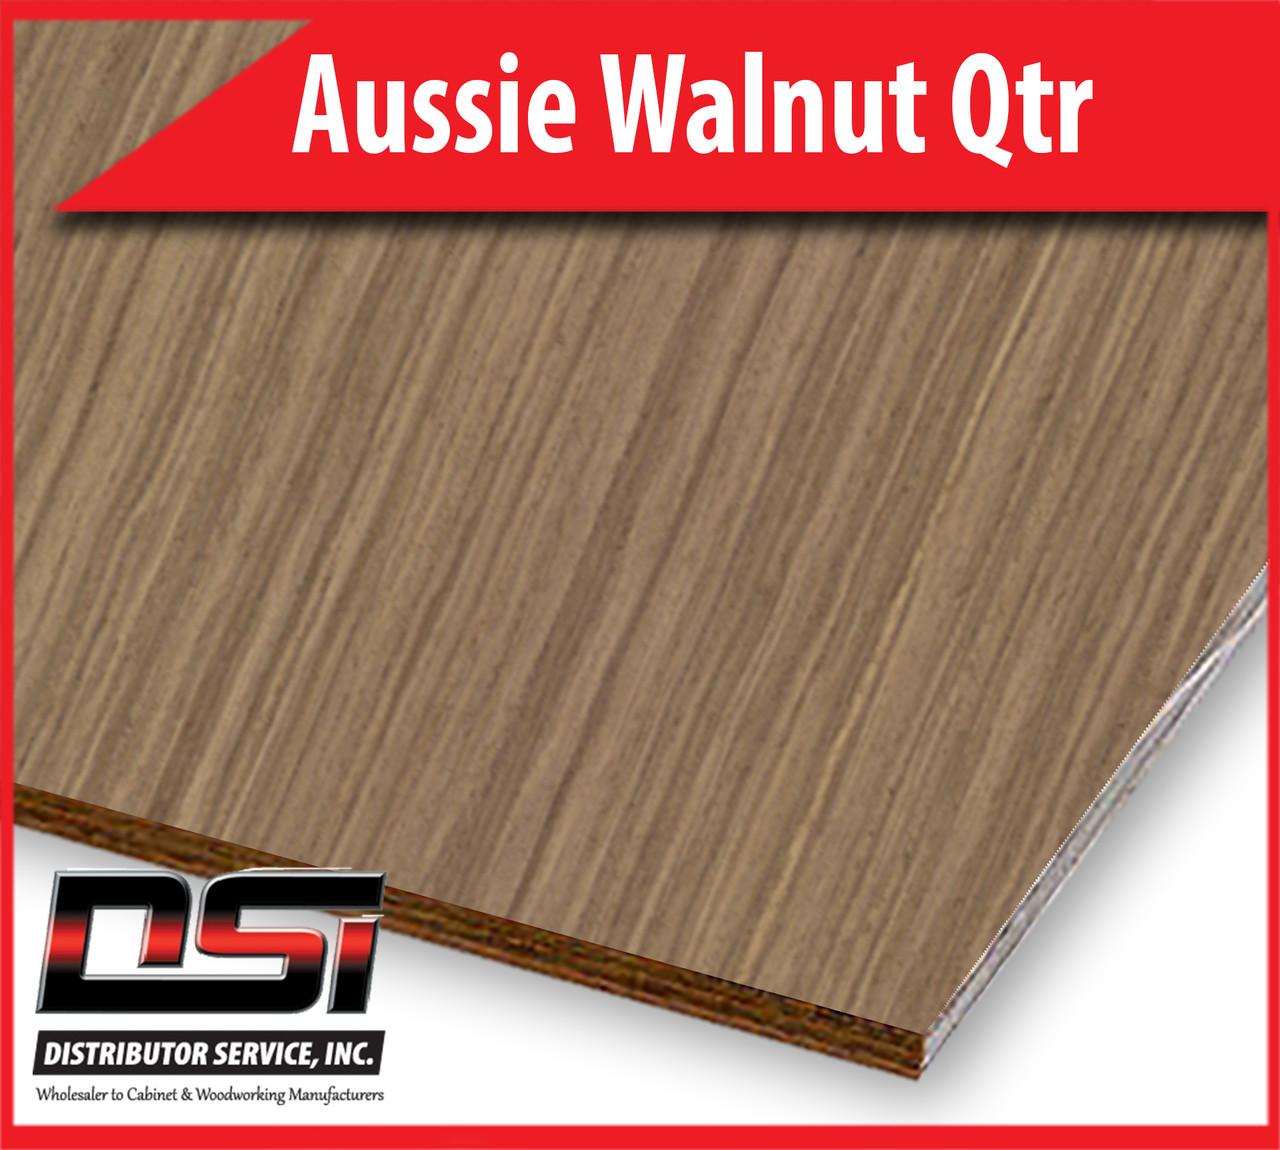 """Aussie Walnut Plywood Qtr A-3 Birch Pluma Ply 1/2"""" x 4x8"""